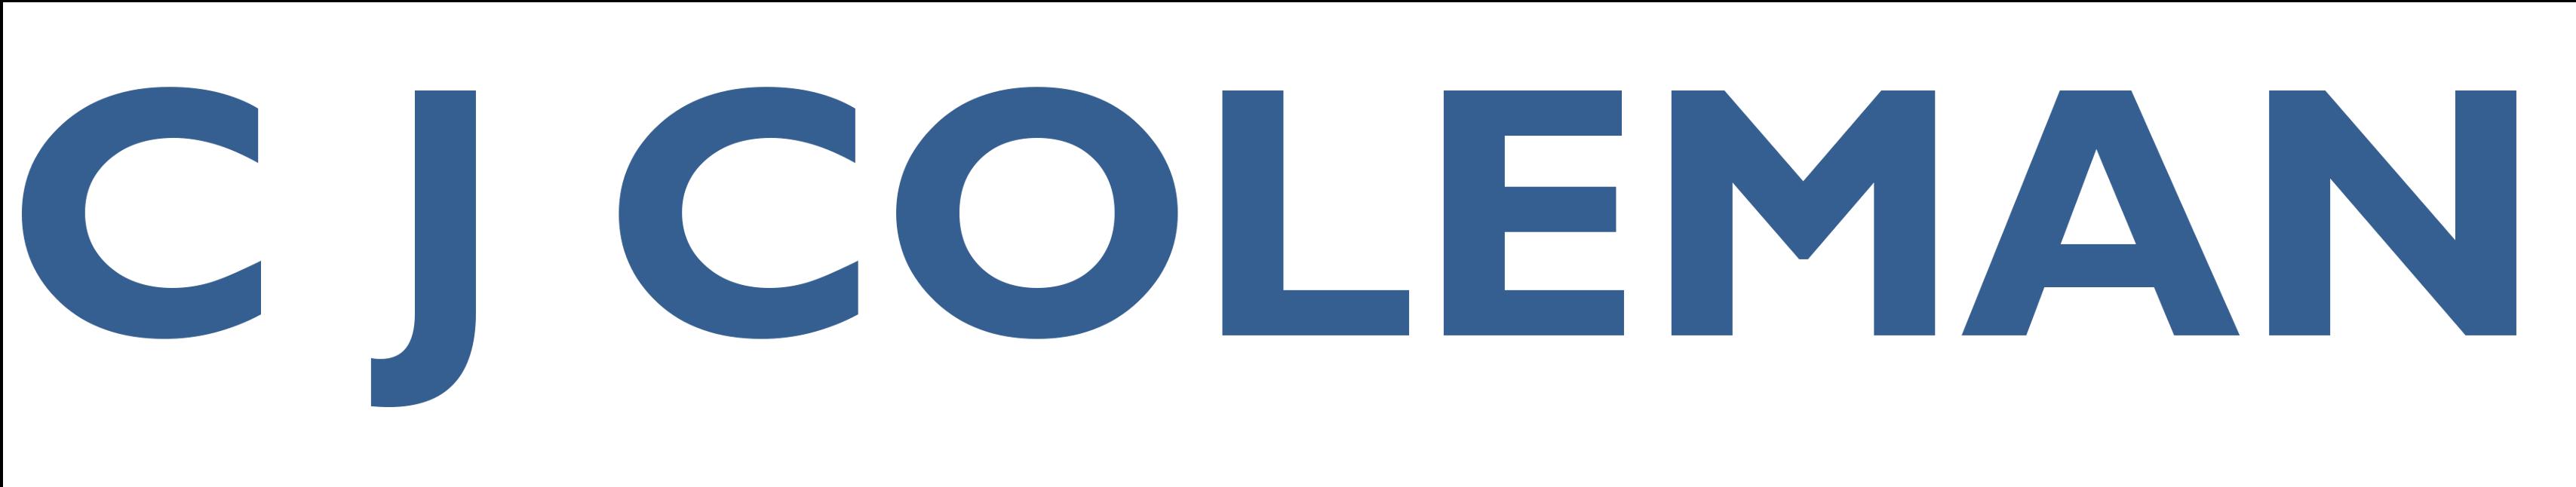 C . J.  Coleman & Co Limited